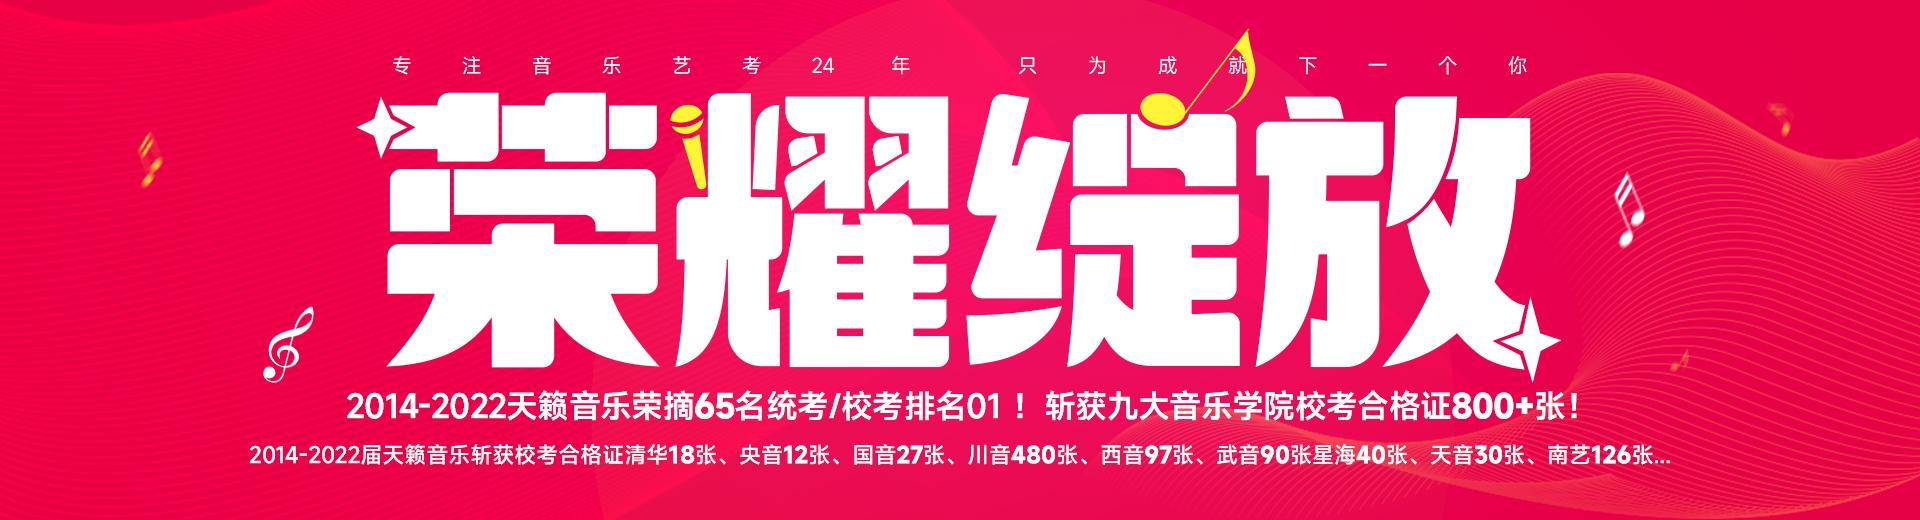 2021荣耀绽放